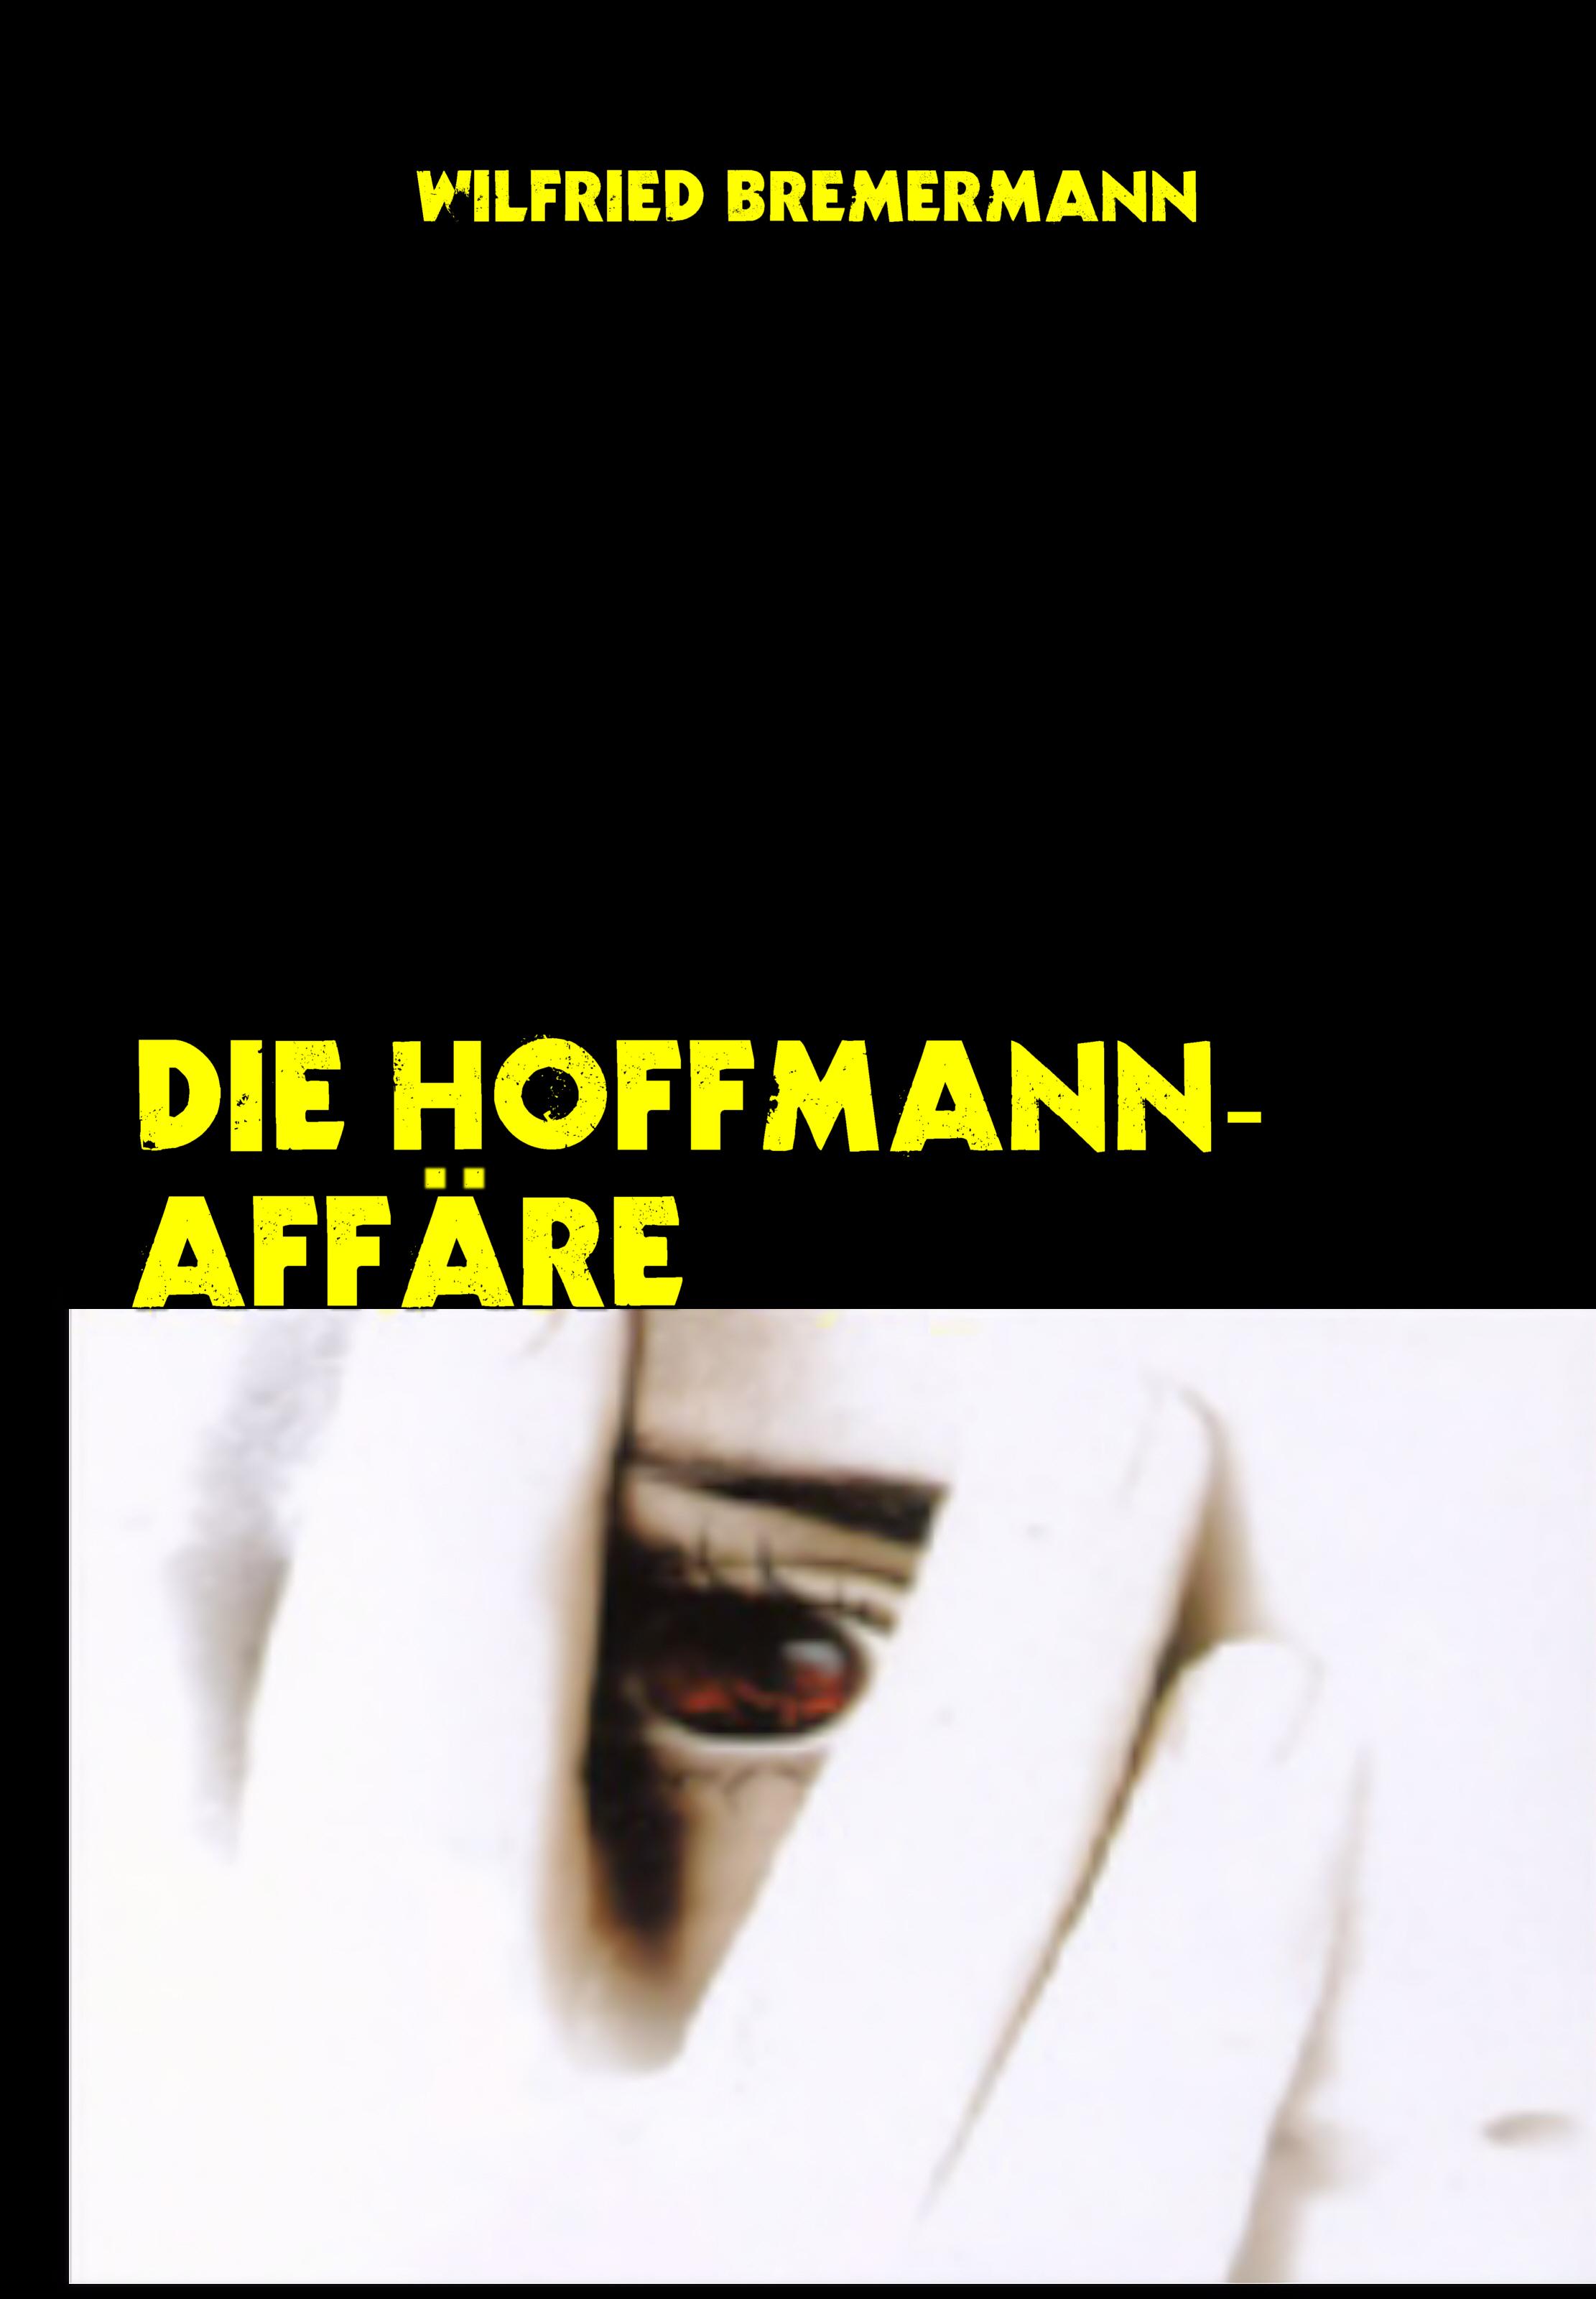 Die Hoffmann-Affäre